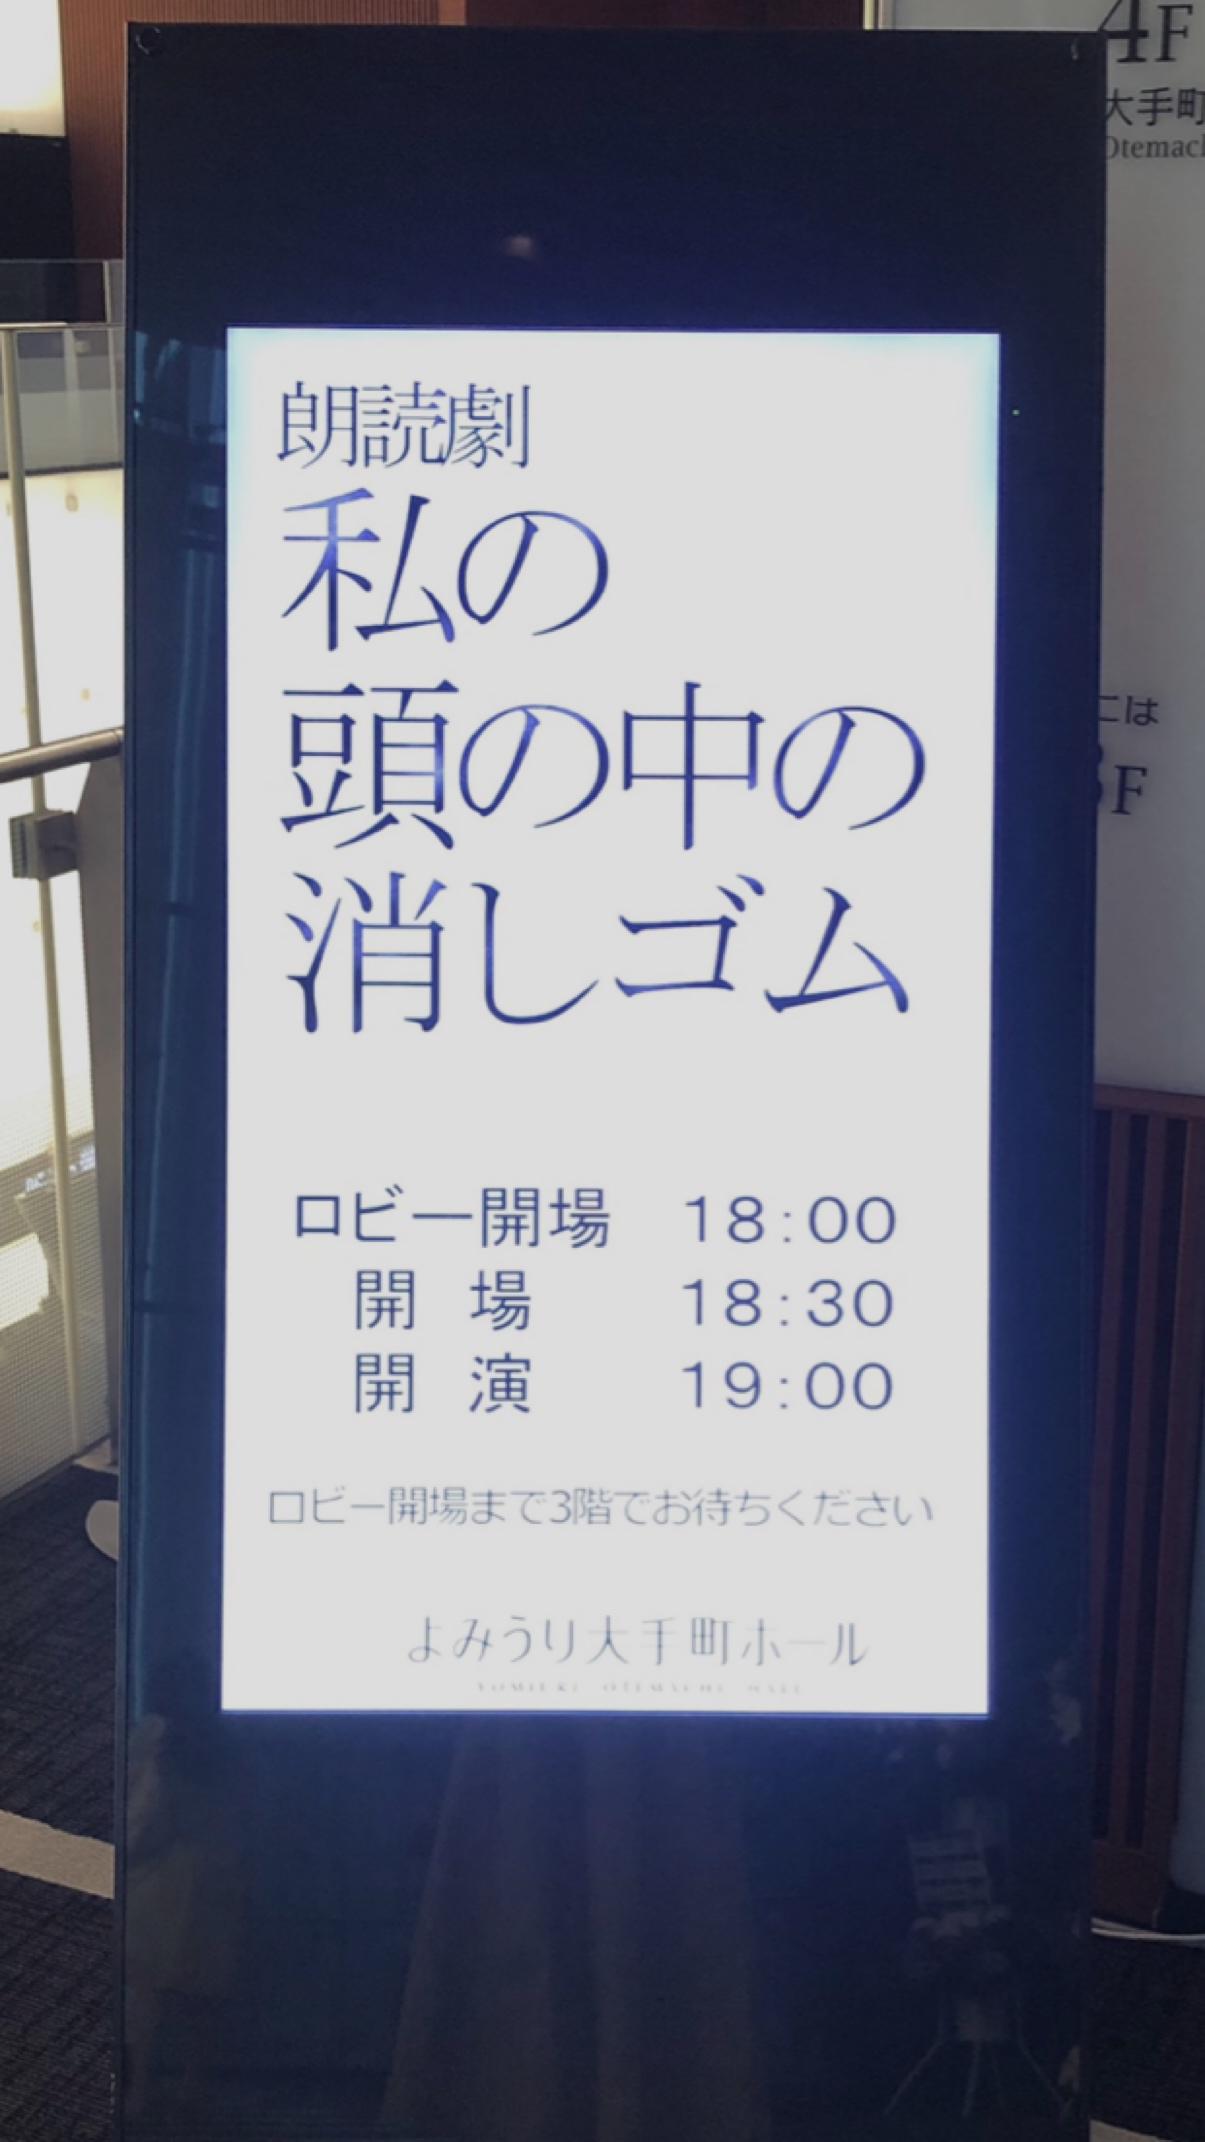 .。.:*☆朗読劇に行ってきました☆*:.。._1